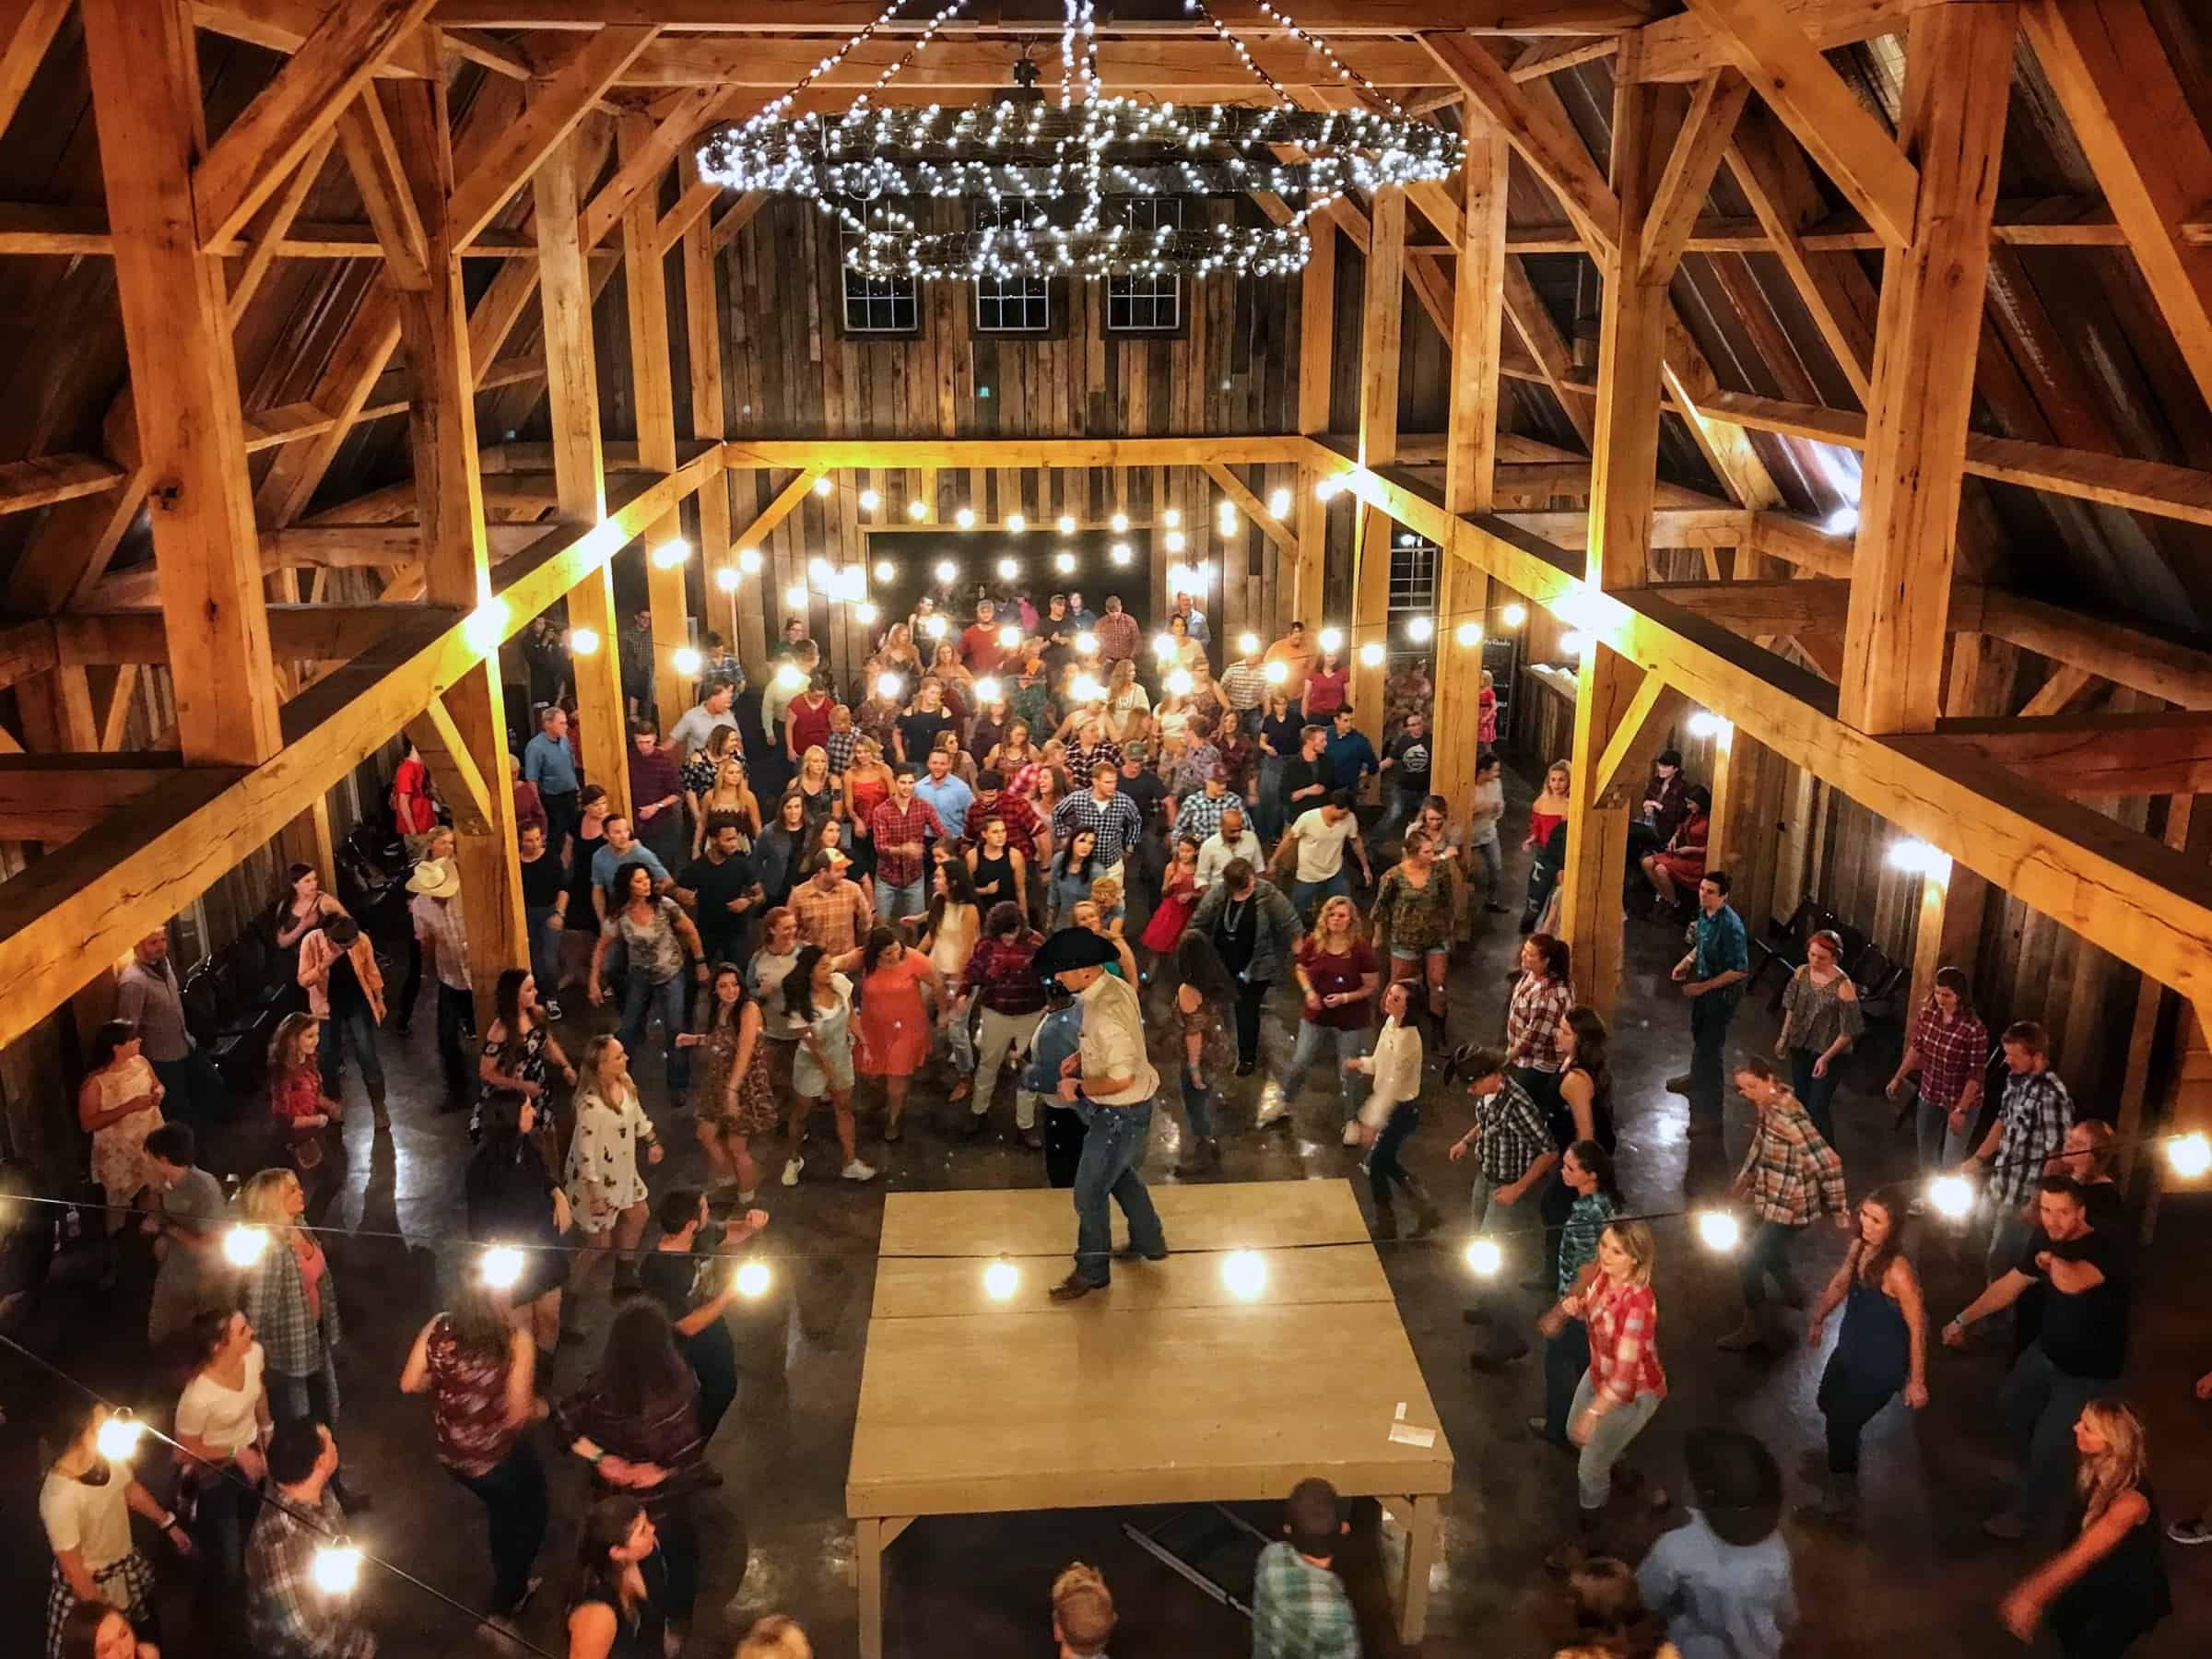 Barn Dances Sycamore Creek Family Ranch Barn Dance Ranch Romance Barn